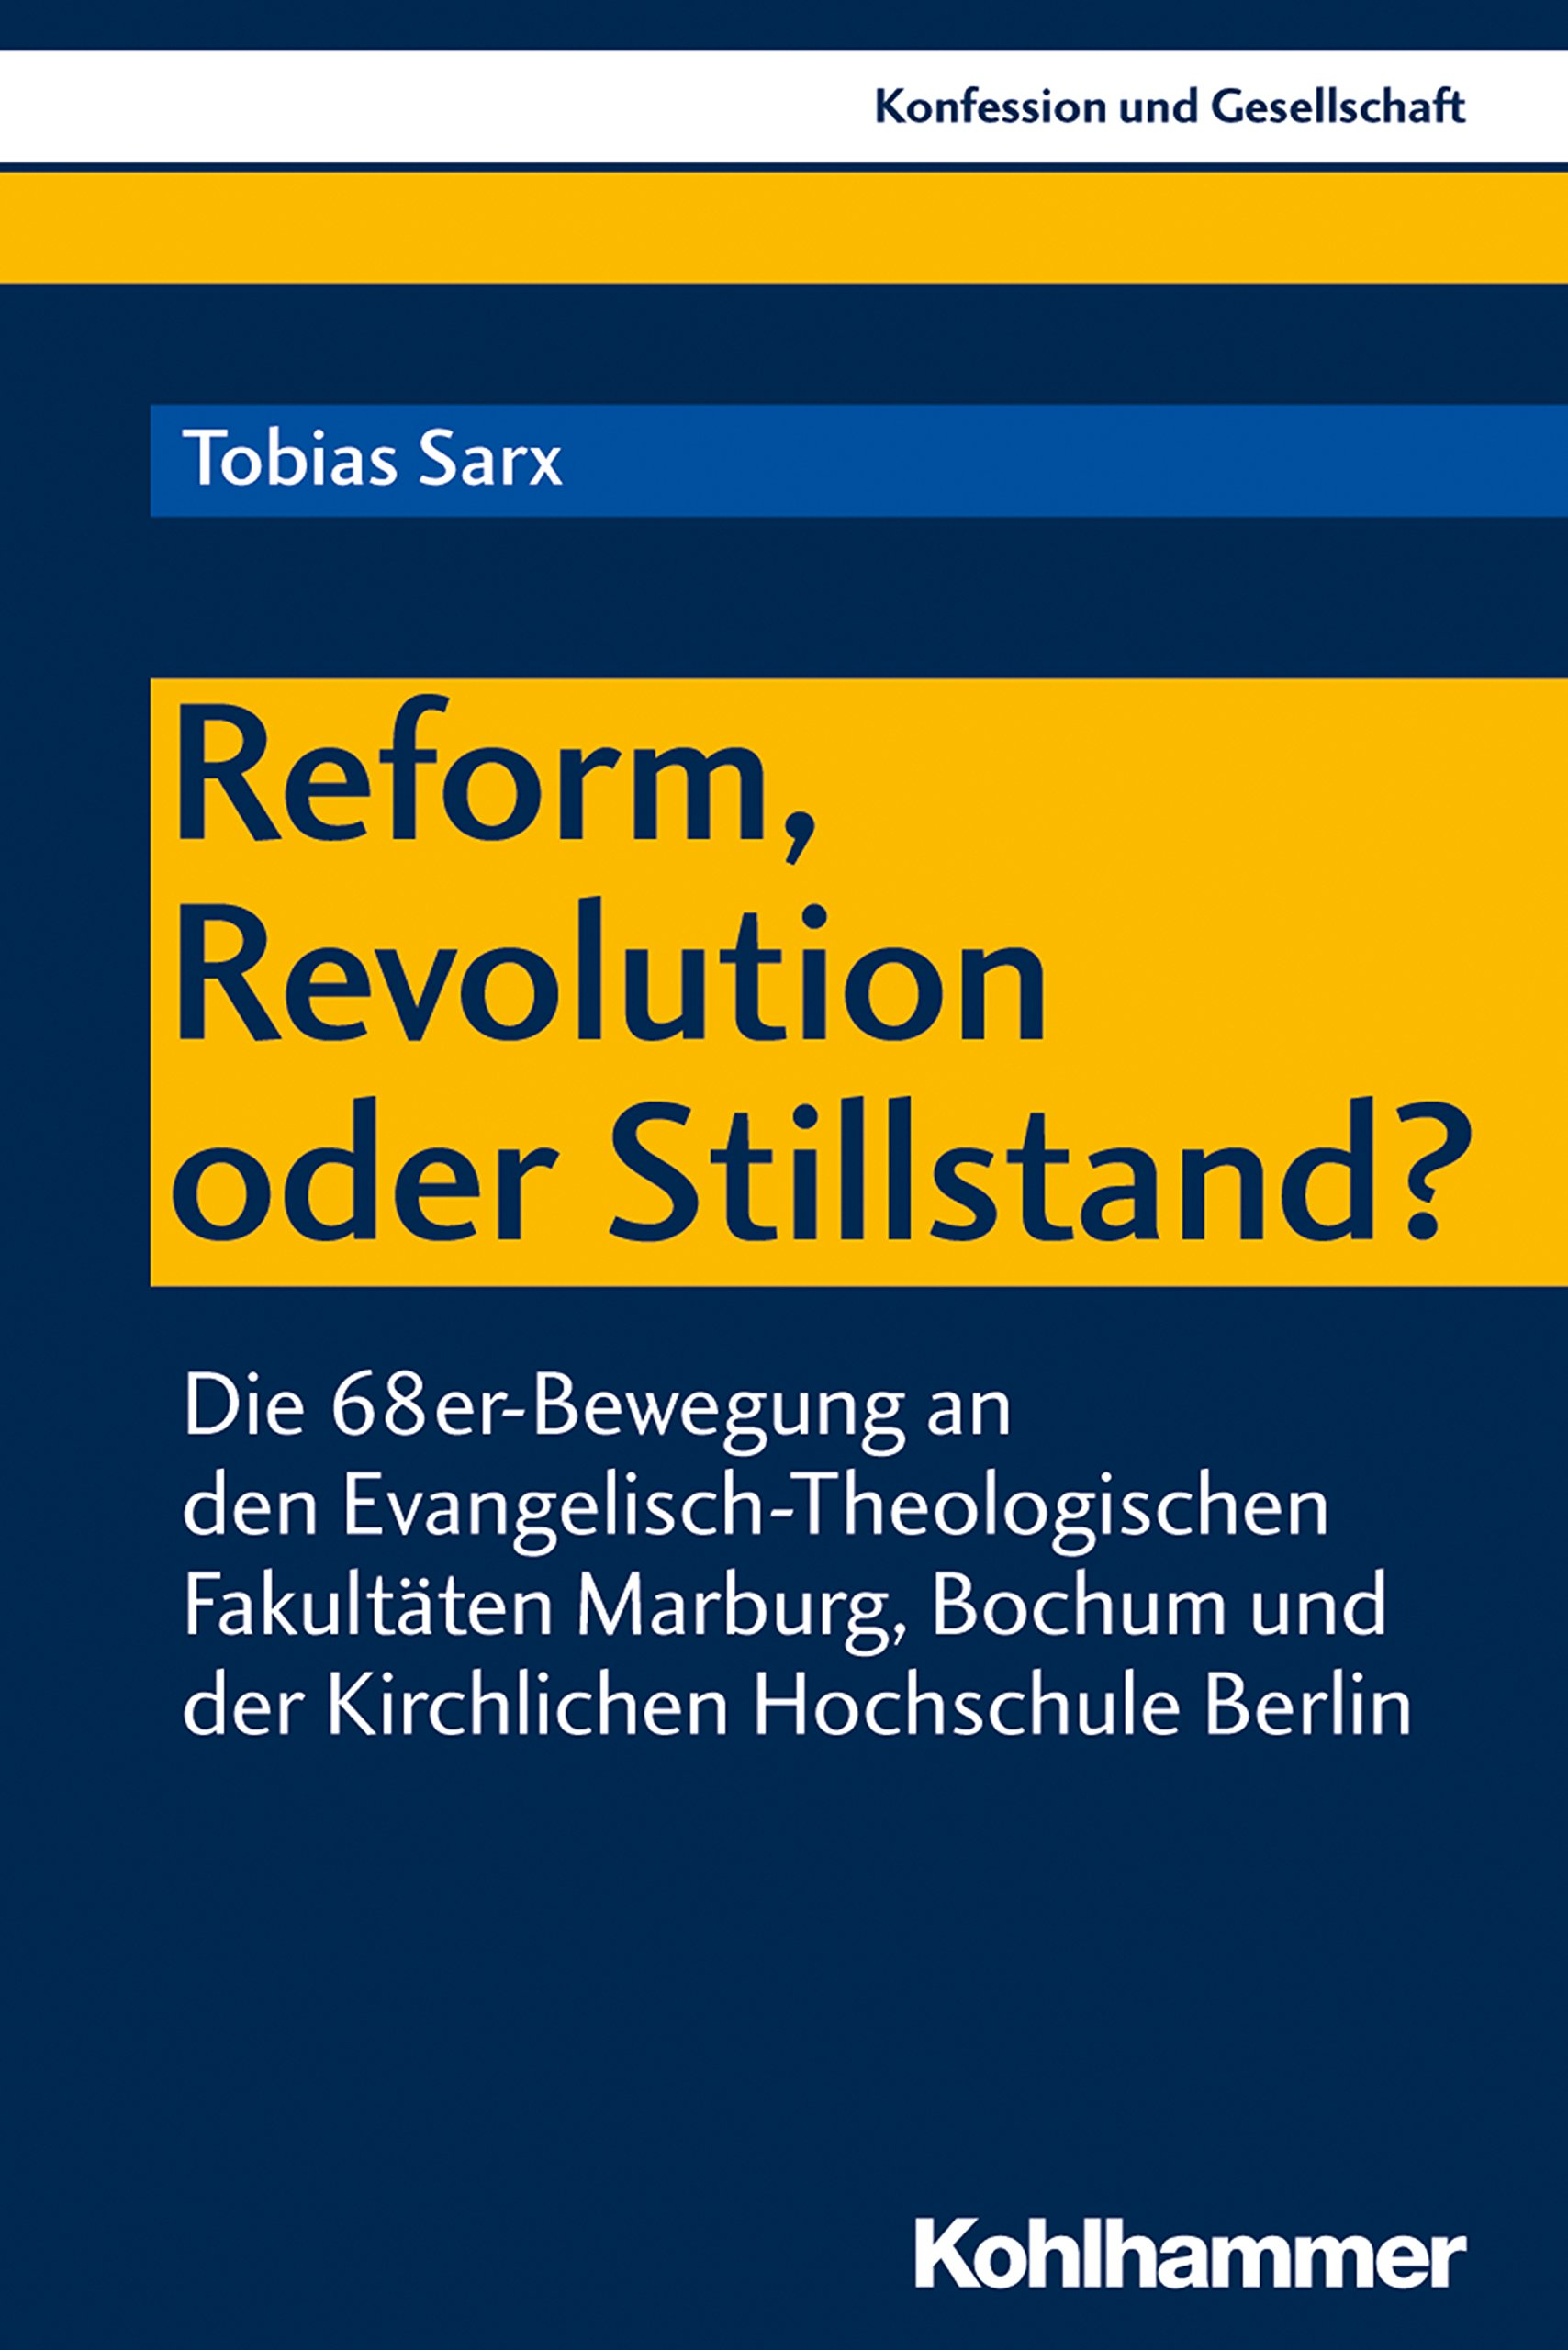 Schön Yellow Mobel Bochum Galerie - Heimat Ideen ...